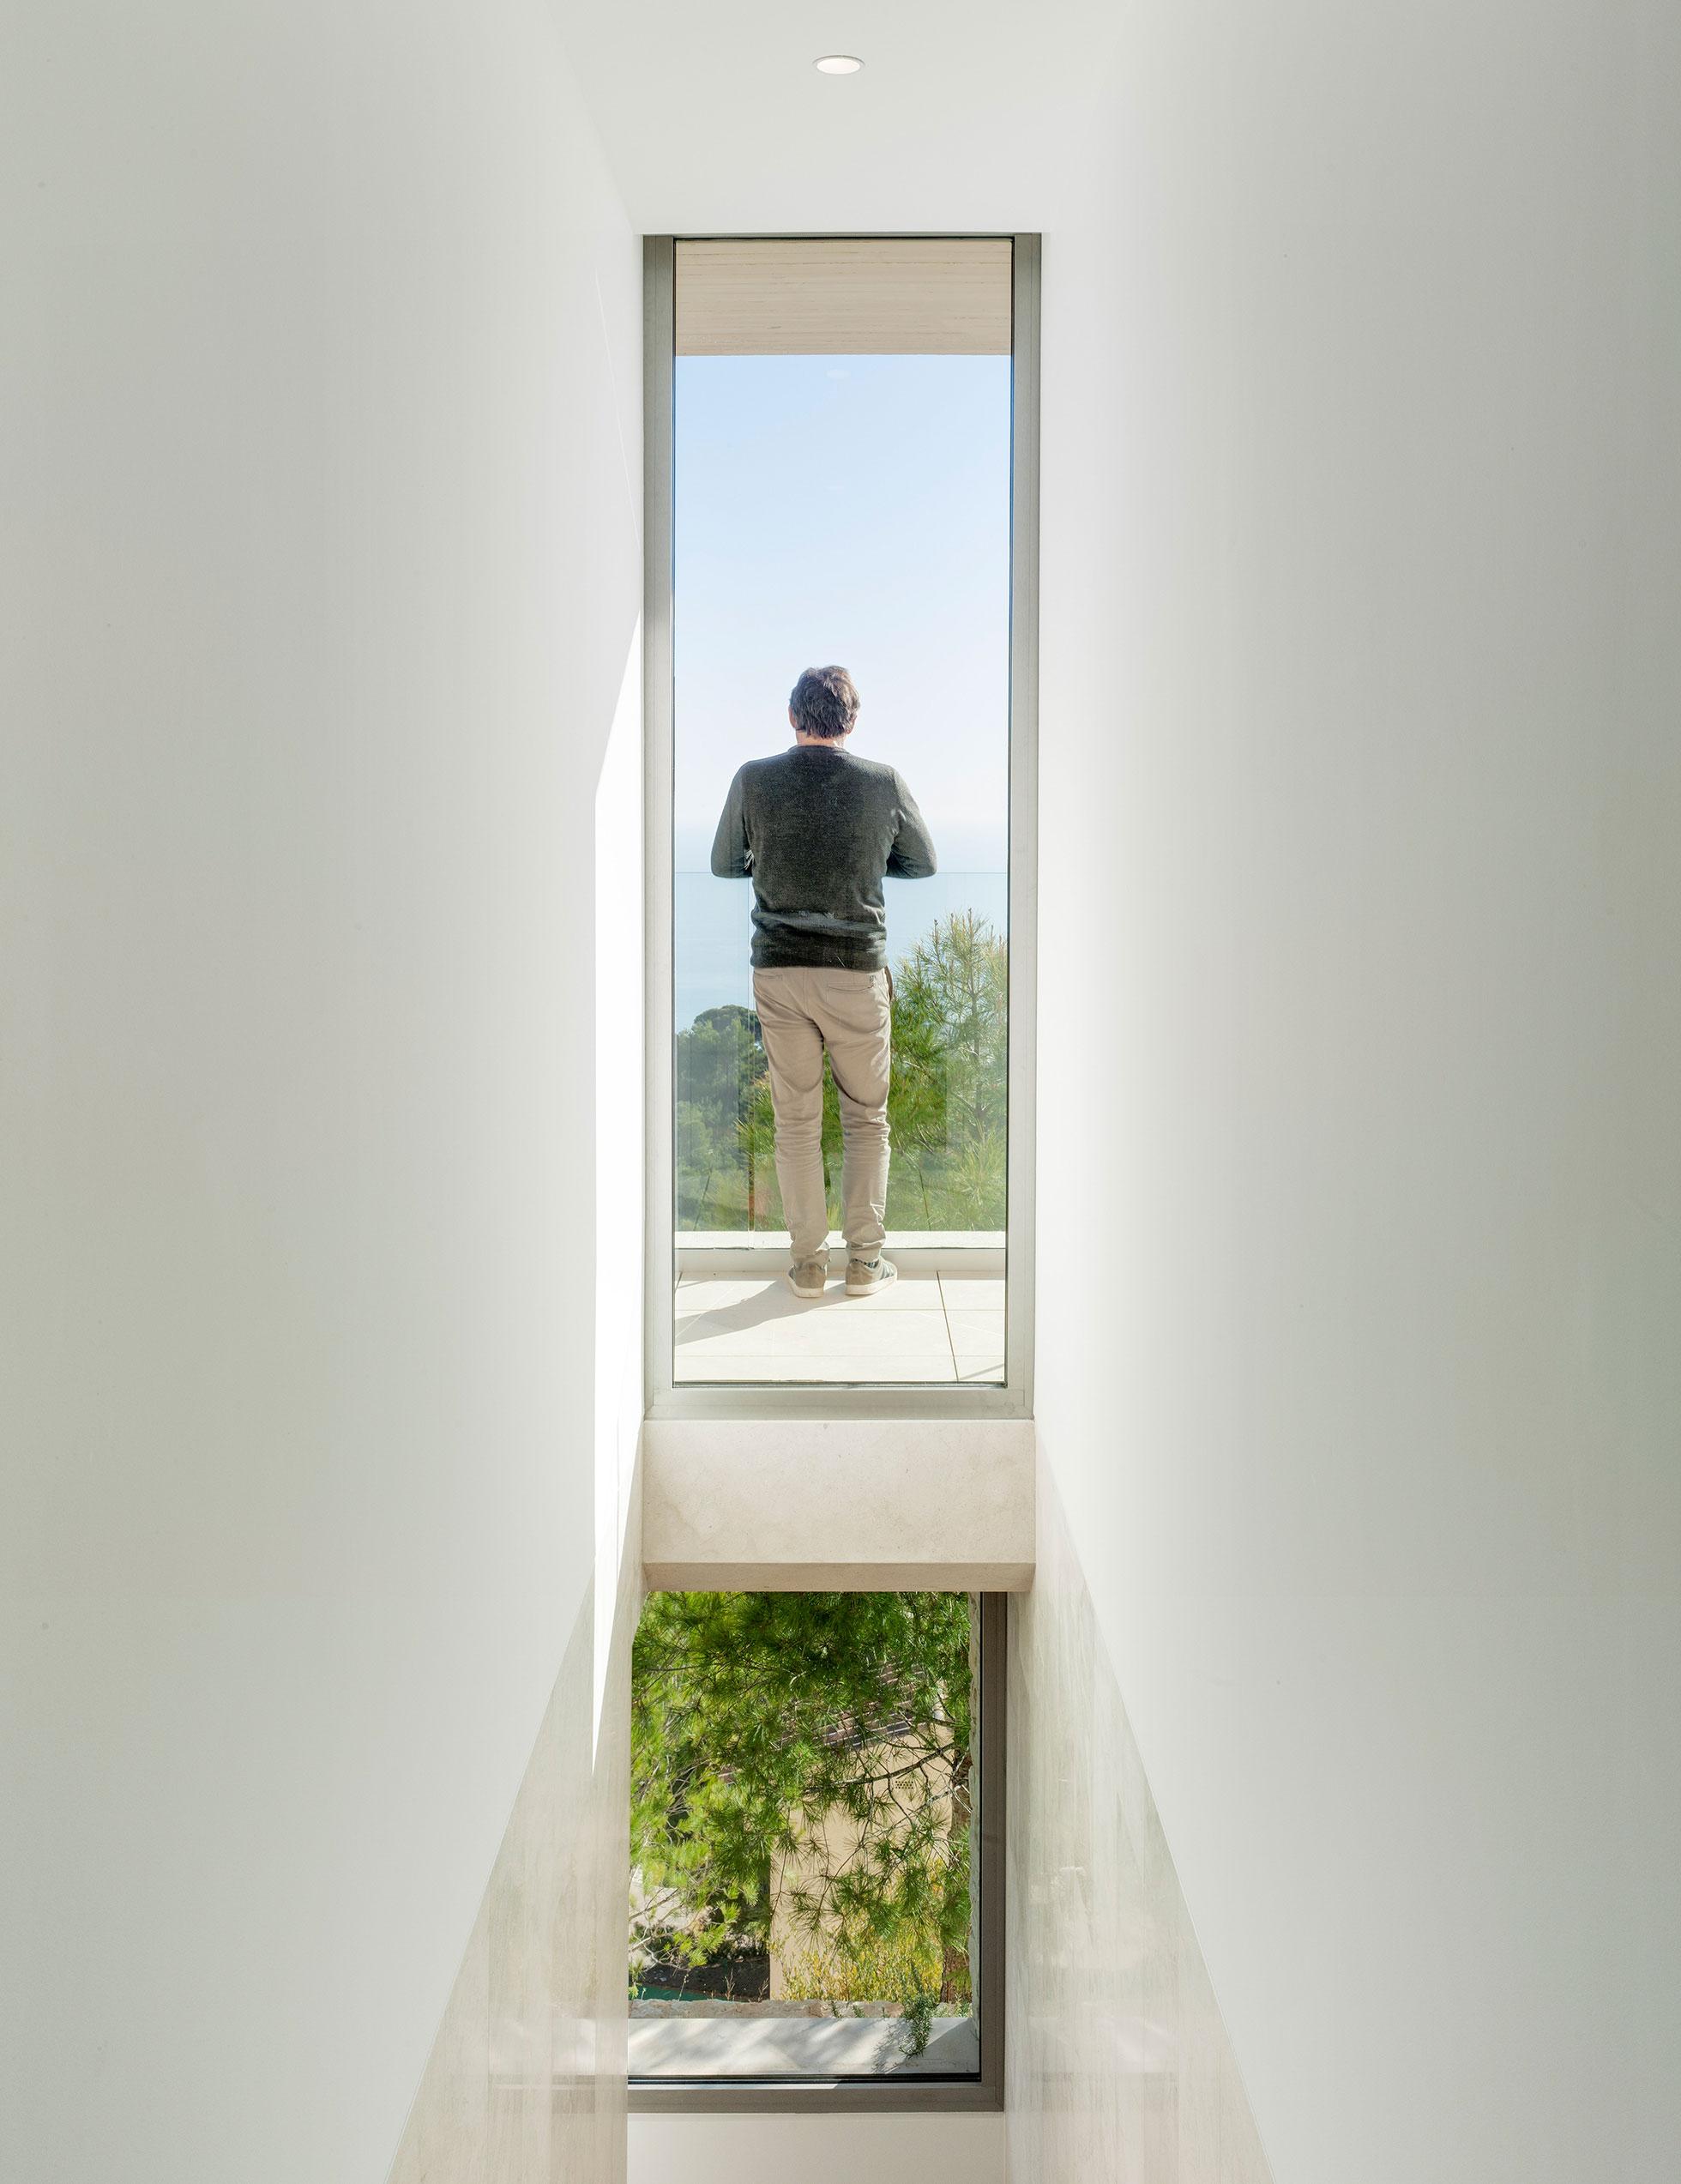 Vivienda Unifamiliar. Casa voladizo. Casa de Lujo Altea. Arquitectos Alicante. Arquitectos Altea. eneseis Arquitectura